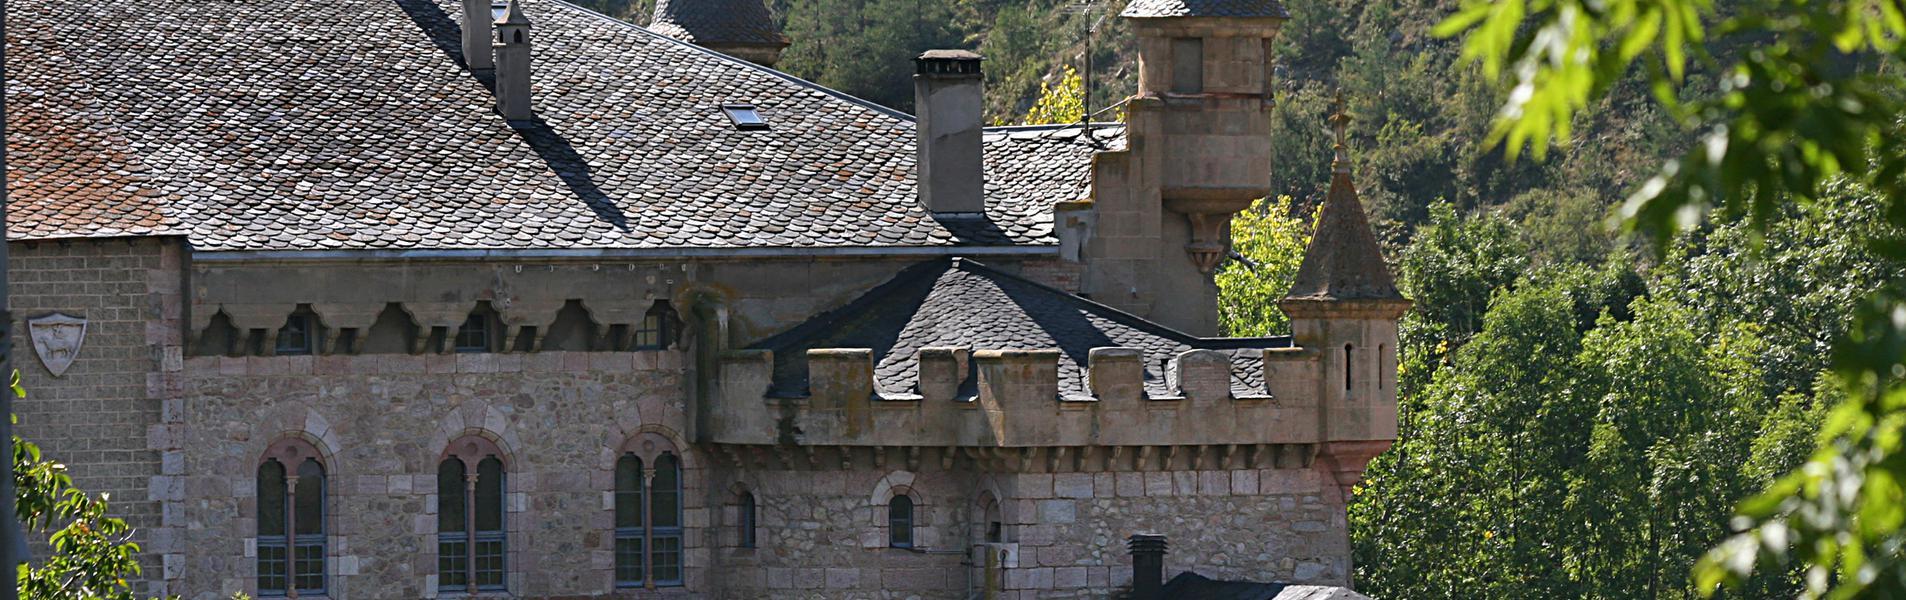 Torre de Riu (Torre de Río)